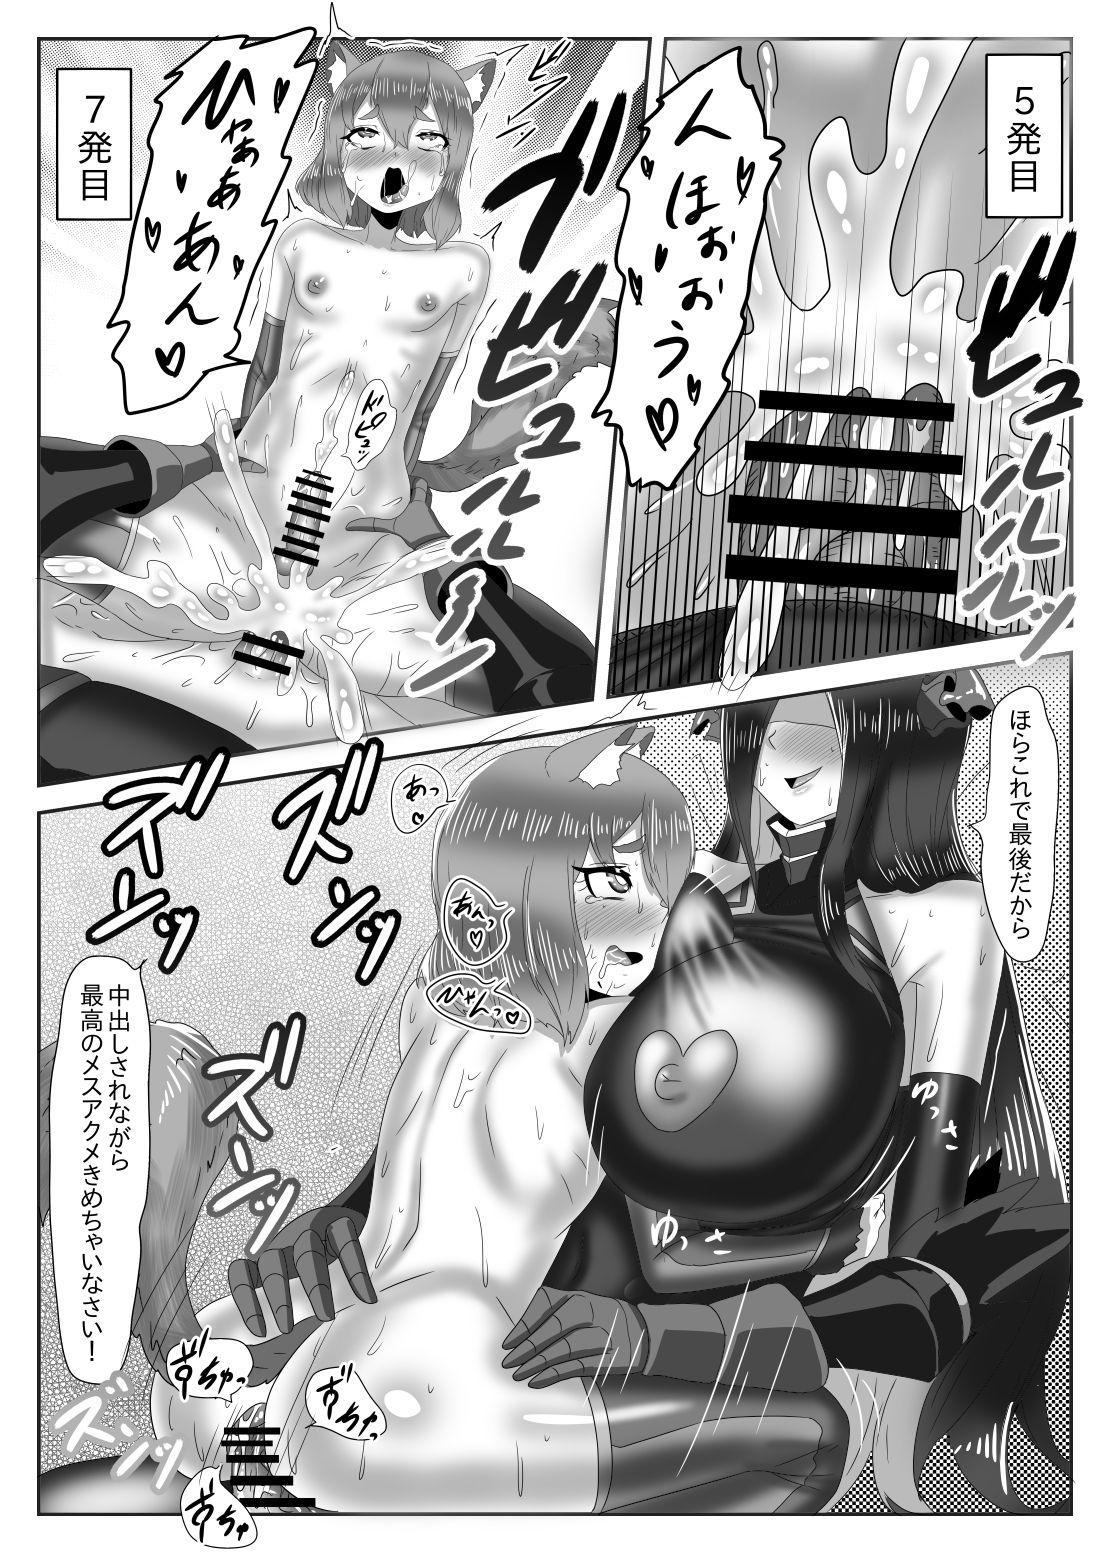 ふたなり艦隊と男の娘指揮官~フリードリ●はバブみが深い?~ 29